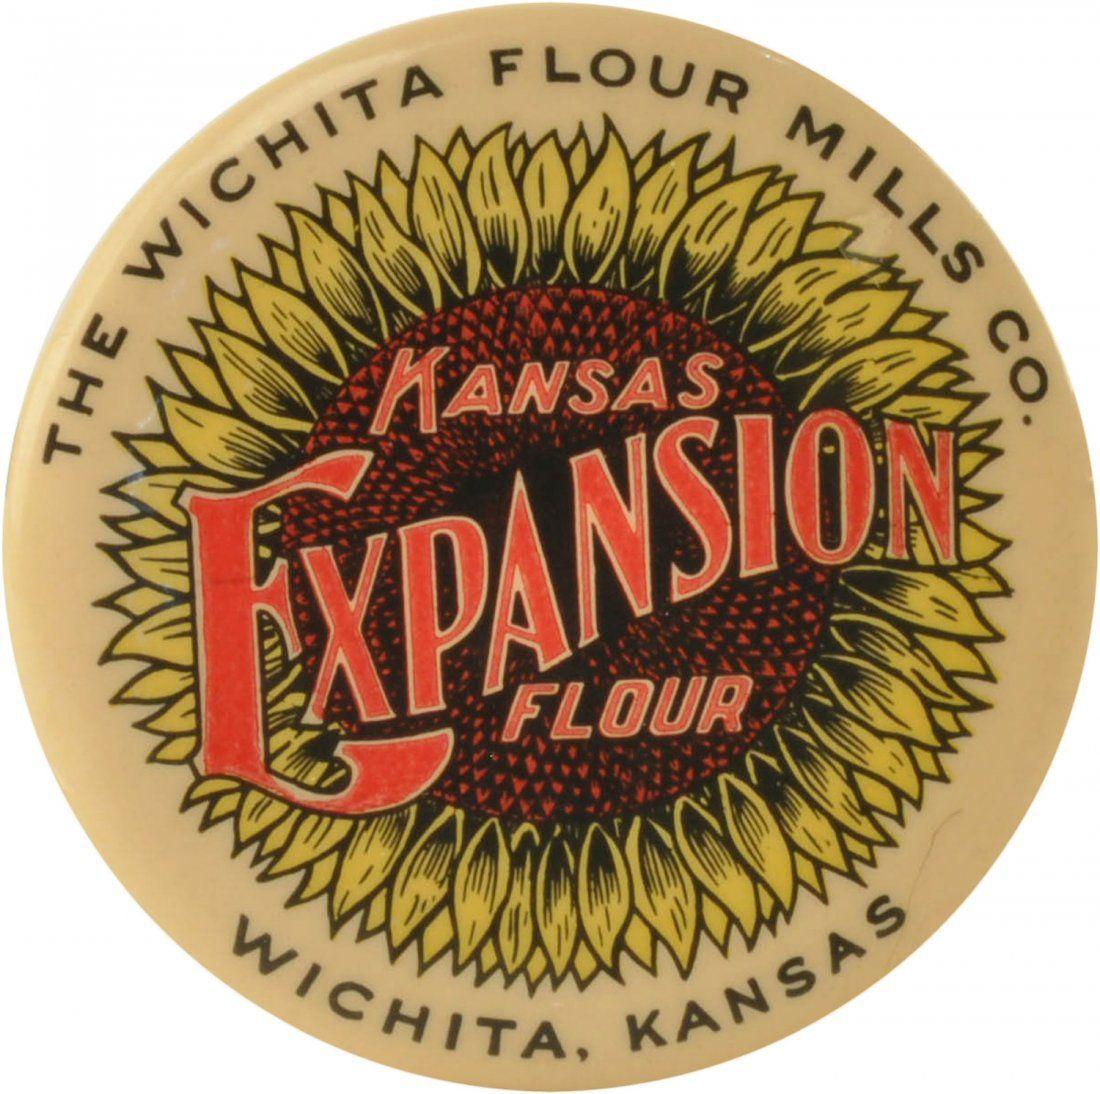 Kansas Expansion Flour Celluloid Pocket Mirror